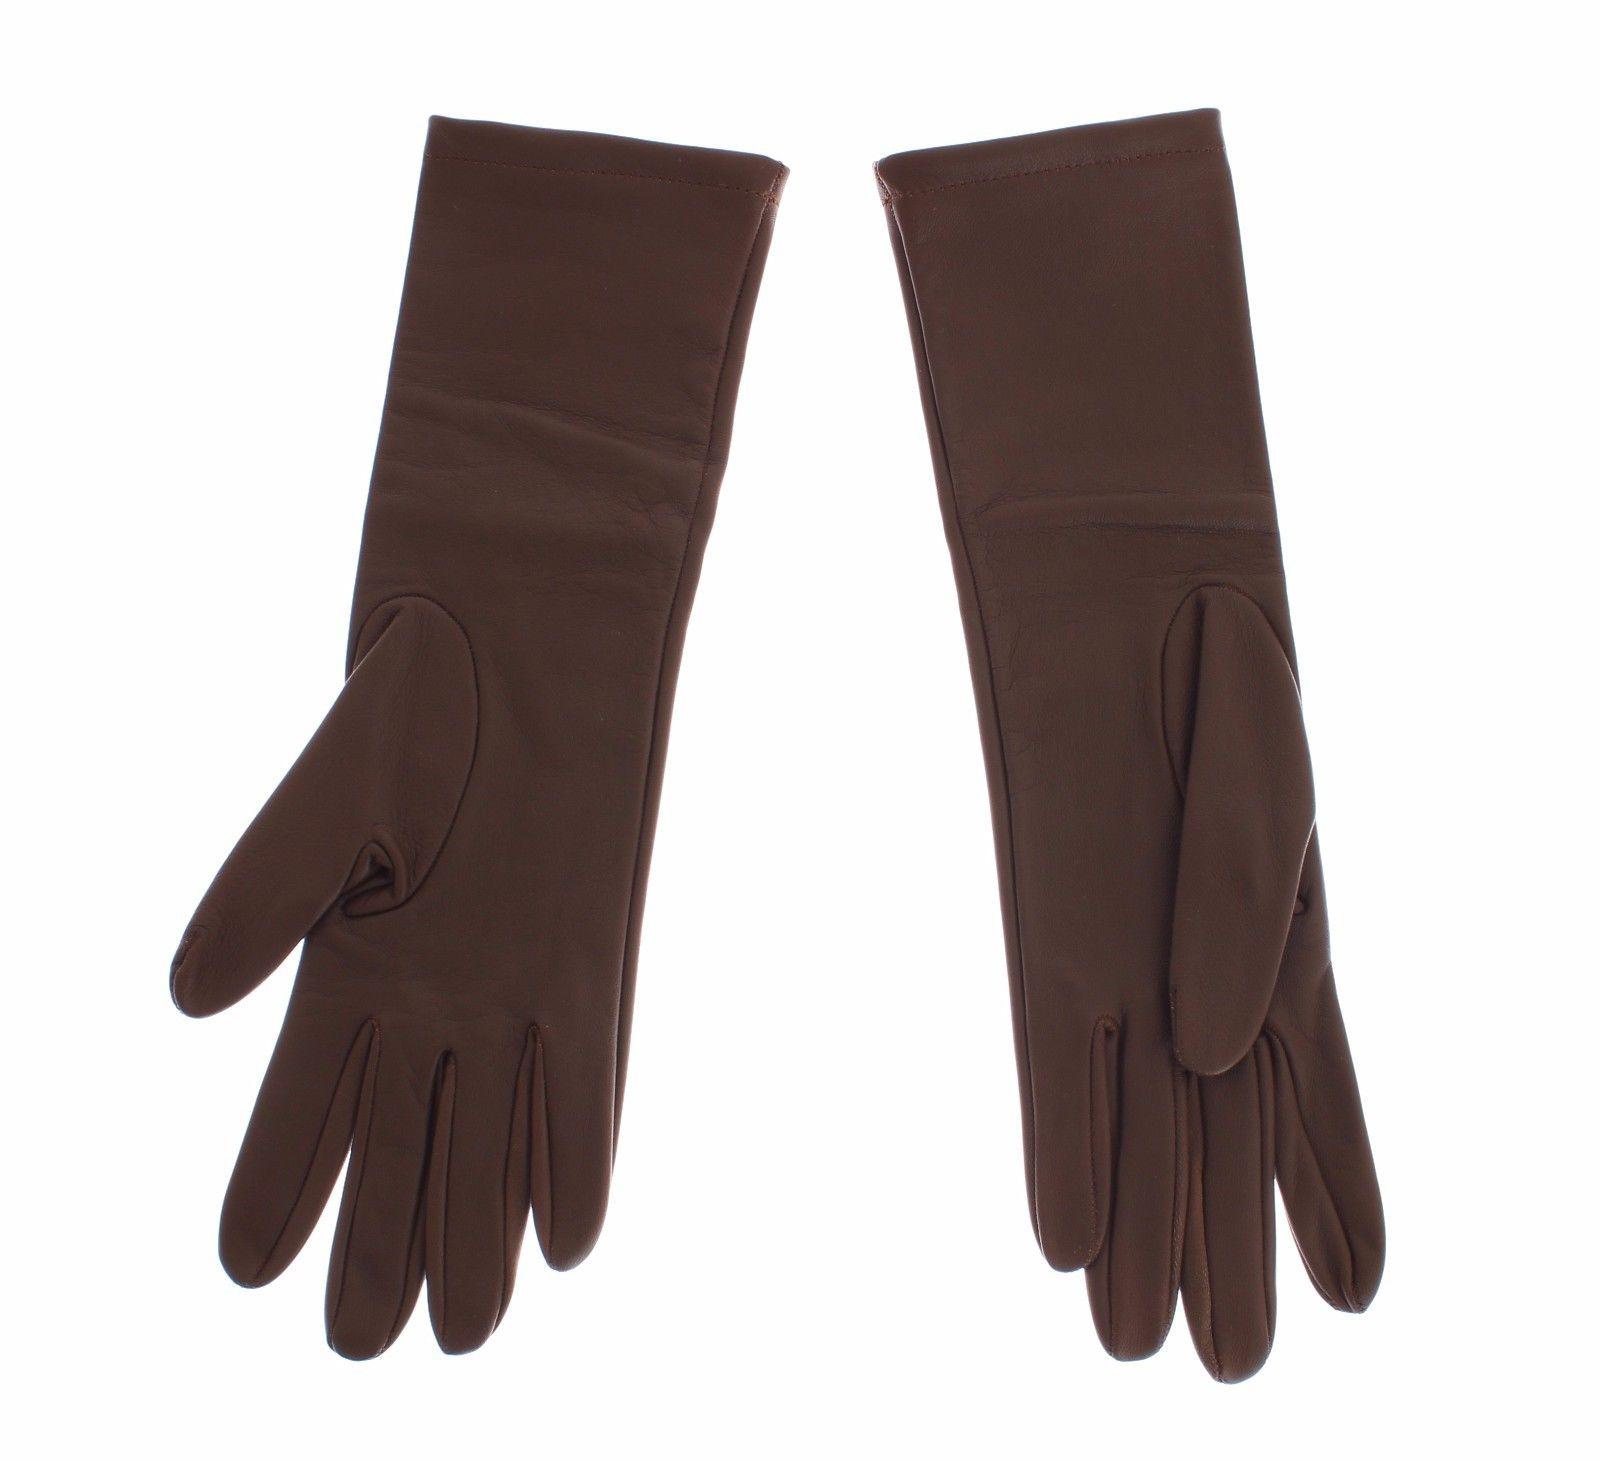 Dolce & Gabbana Women's Leather Wrist Slim Gloves Brown SIG13112 - S